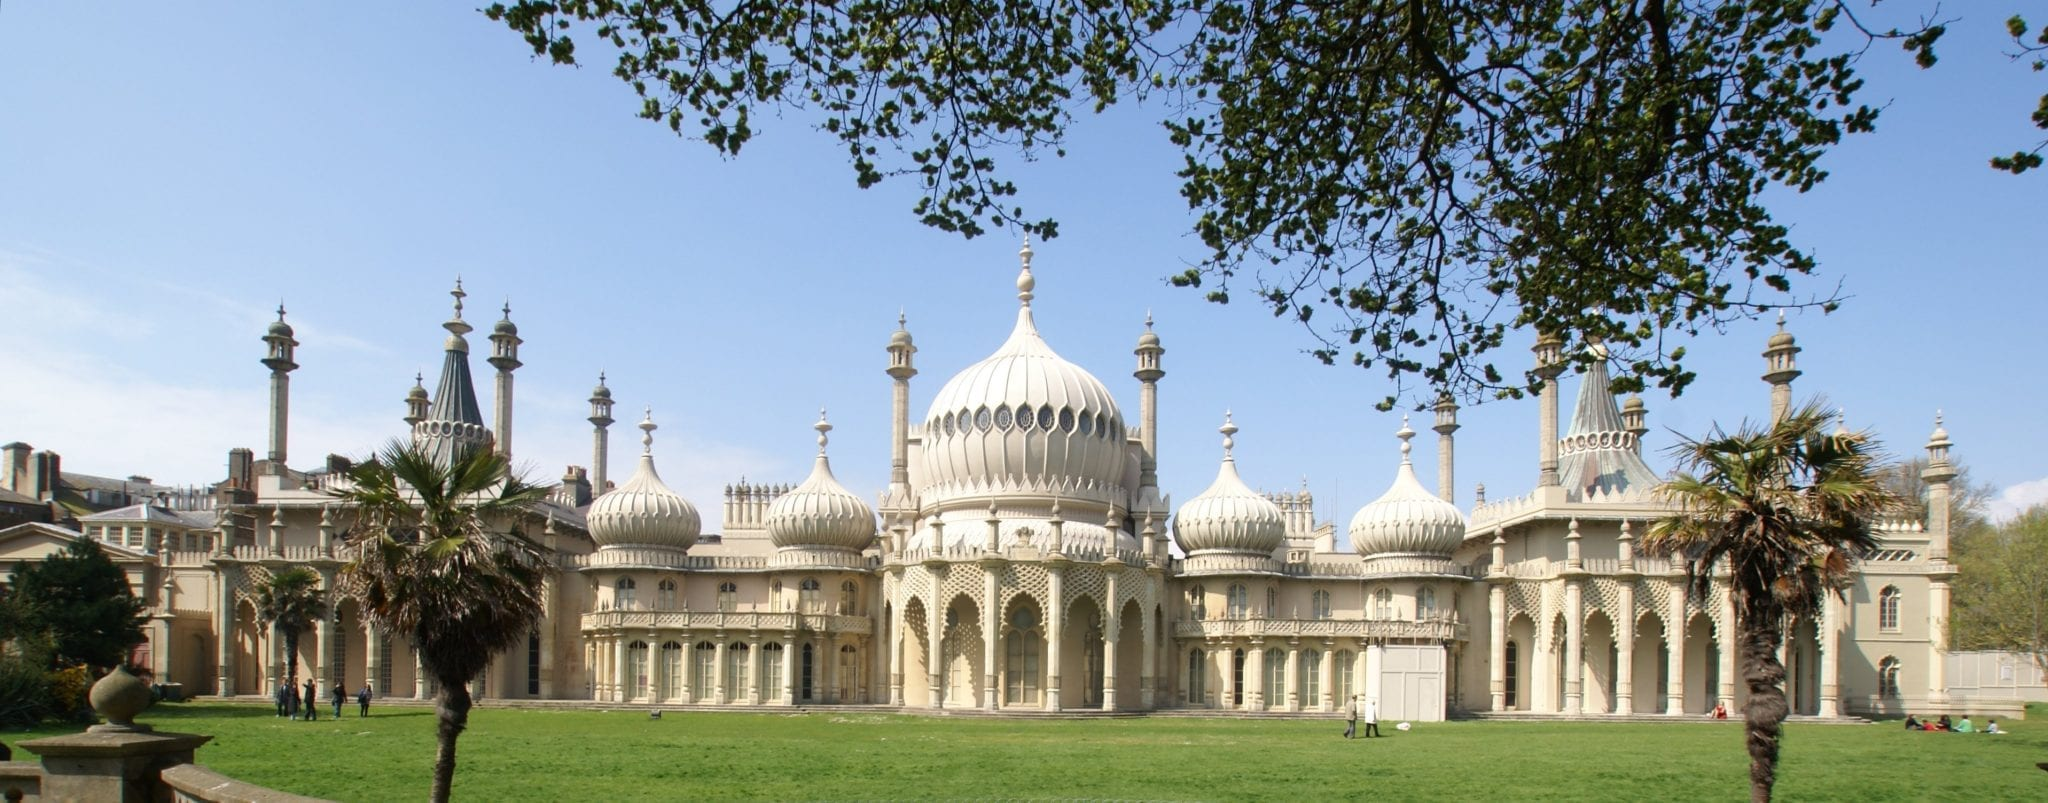 Ver el Royal Pavilion de Brighton, Inglaterra